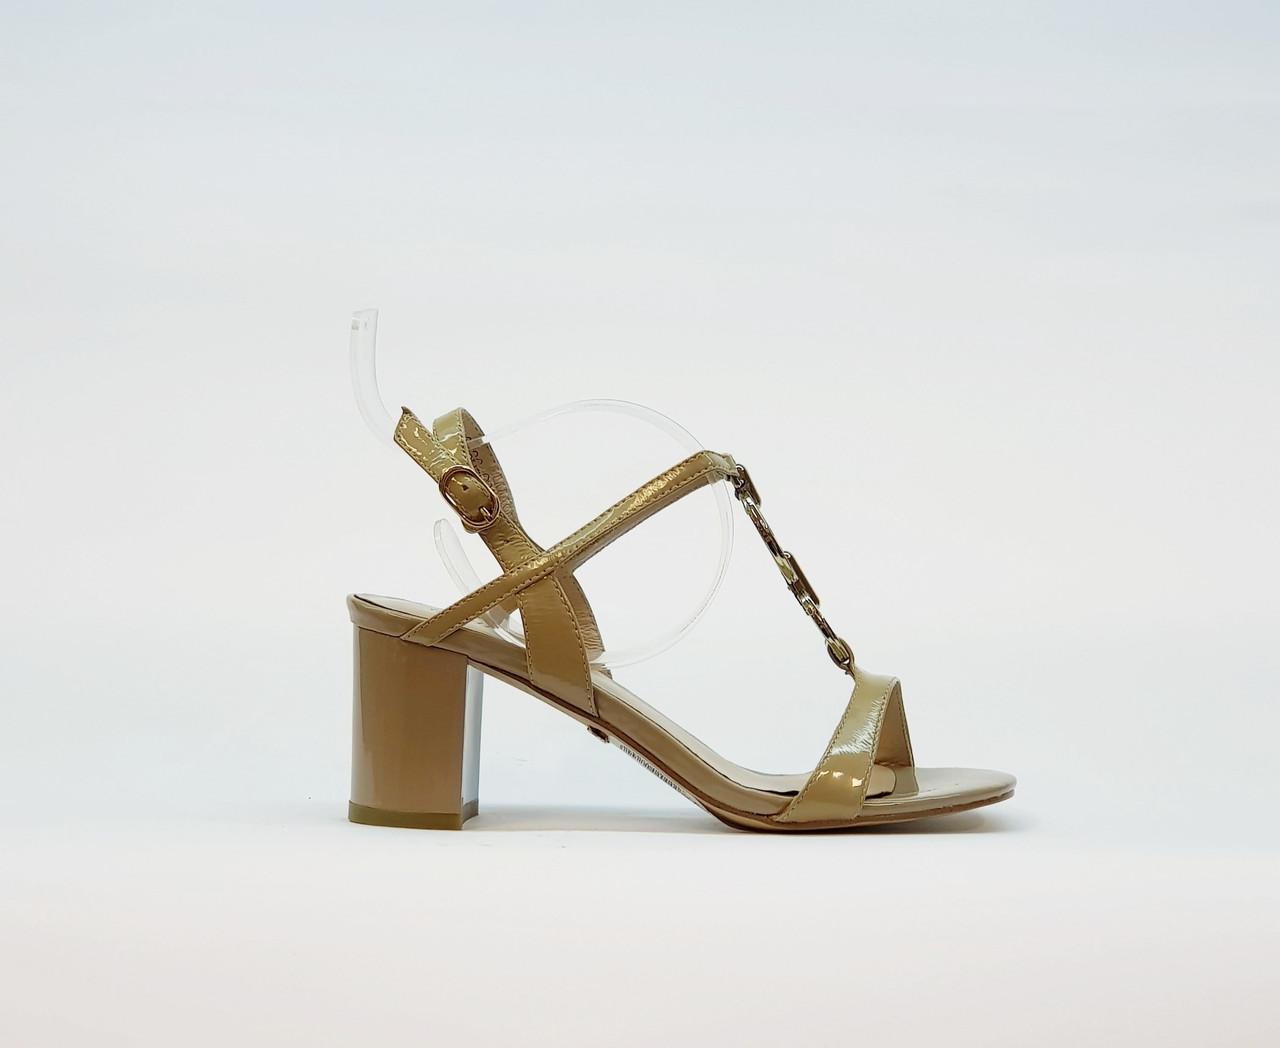 Босоножки женские бежевые из натуральной лаковой кожи на среднем каблуке столбик